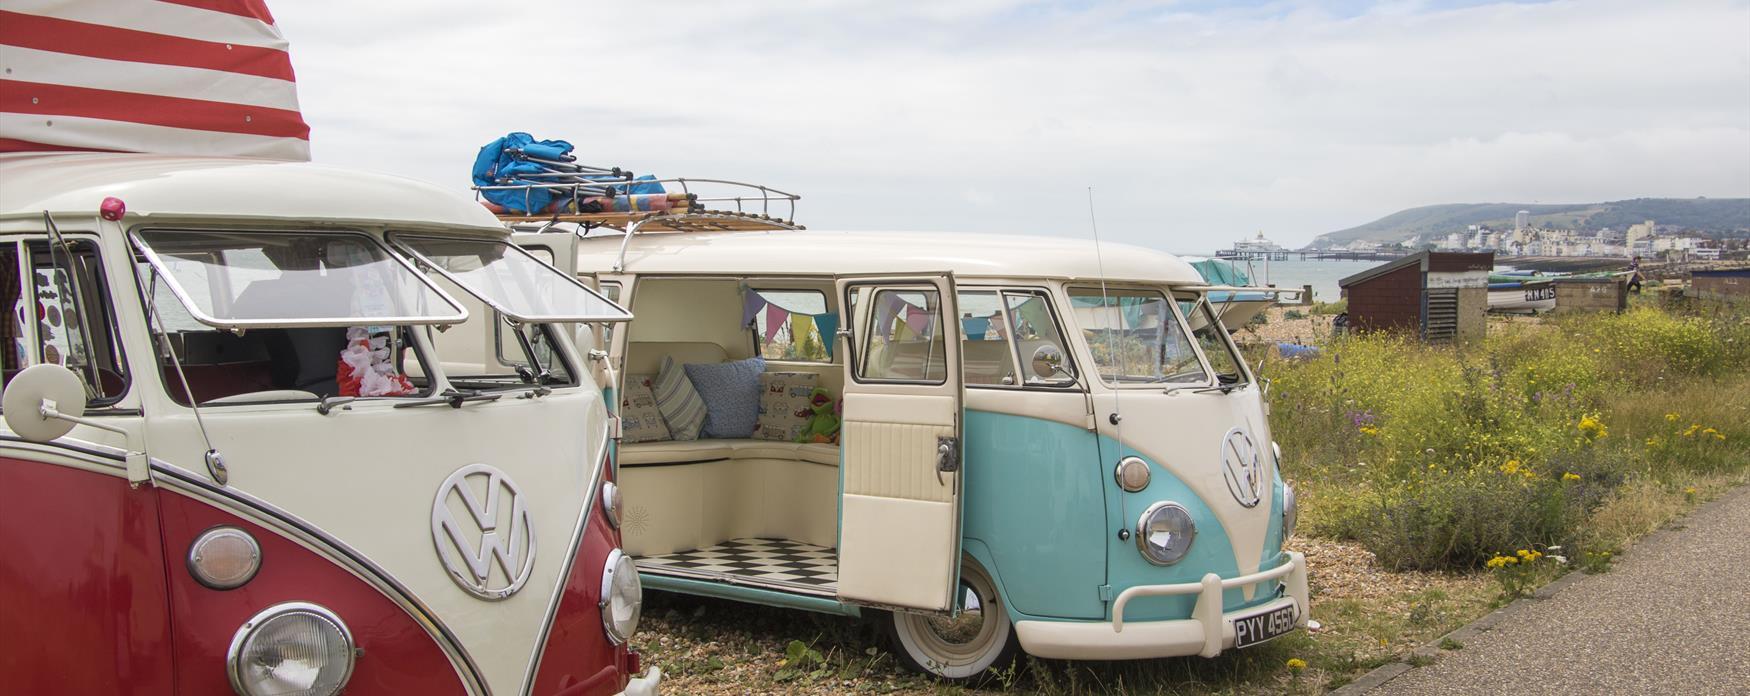 Cruise into Beach Life...